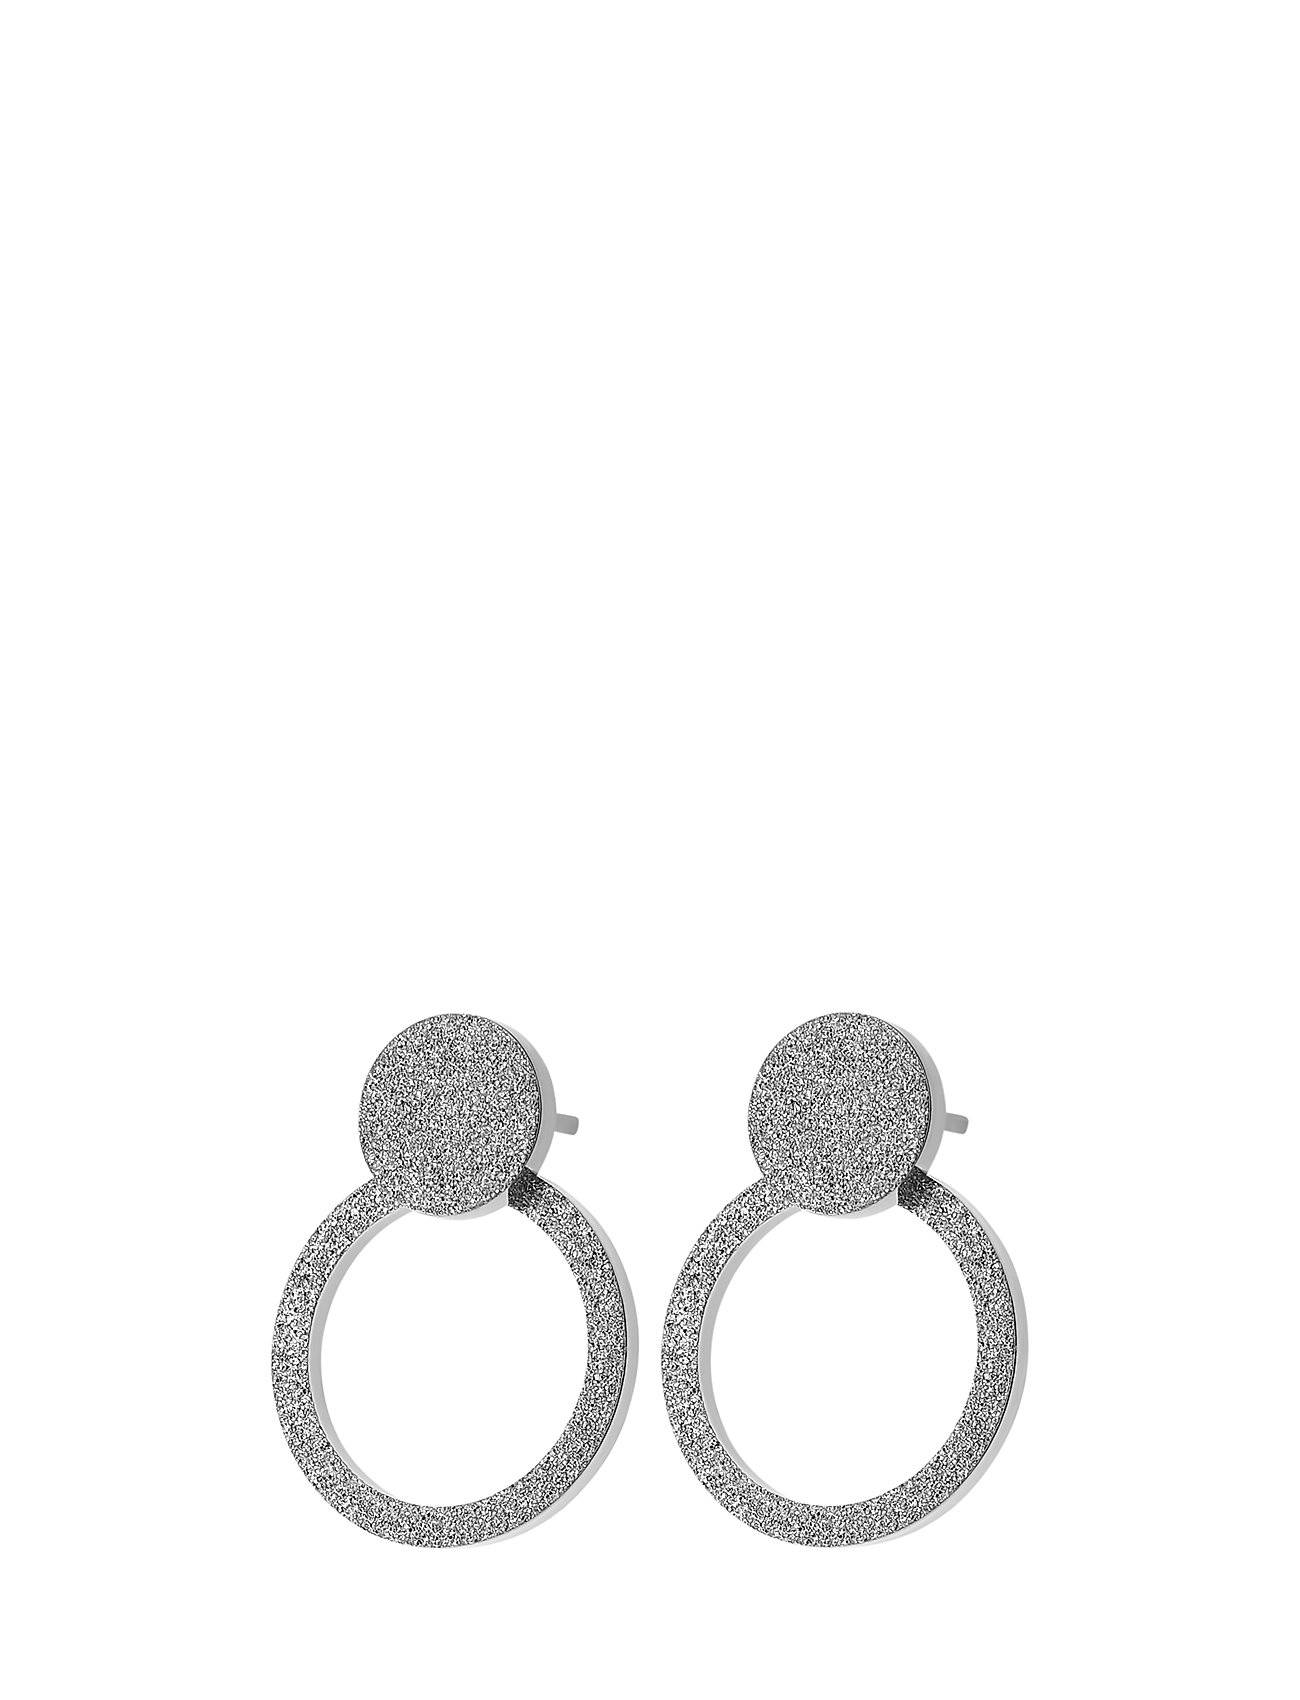 Edblad Valerie Earrings Sparkle Steel